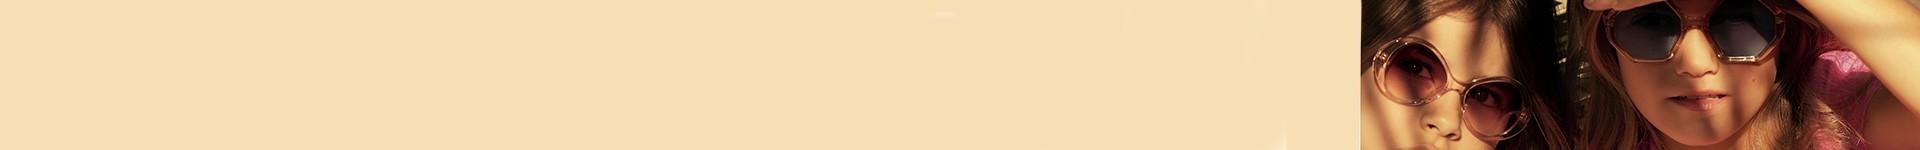 Lunettes de soleil Enfant - ChoqueOptique, votre opticien en ligne.